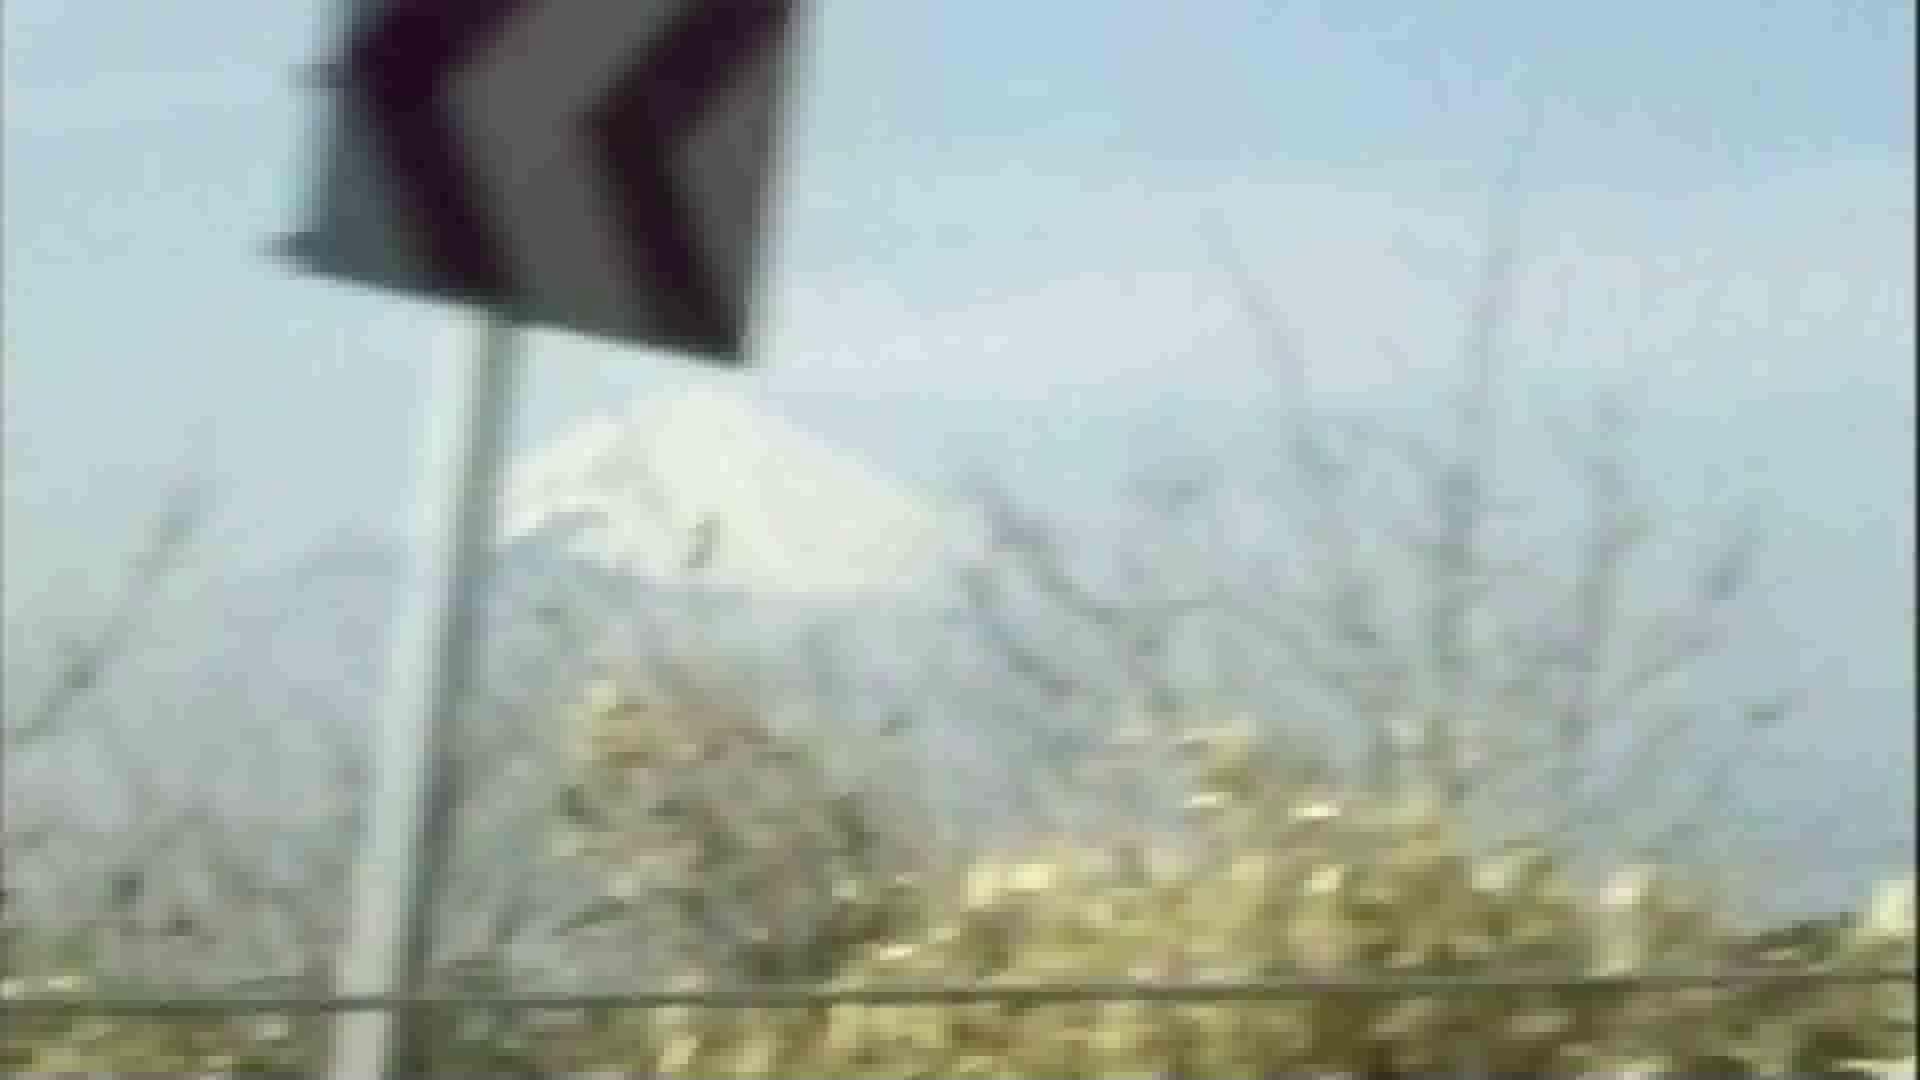 イケメン愛の湯けむり旅行!!02 ディープキス ゲイ無修正動画画像 68pic 7